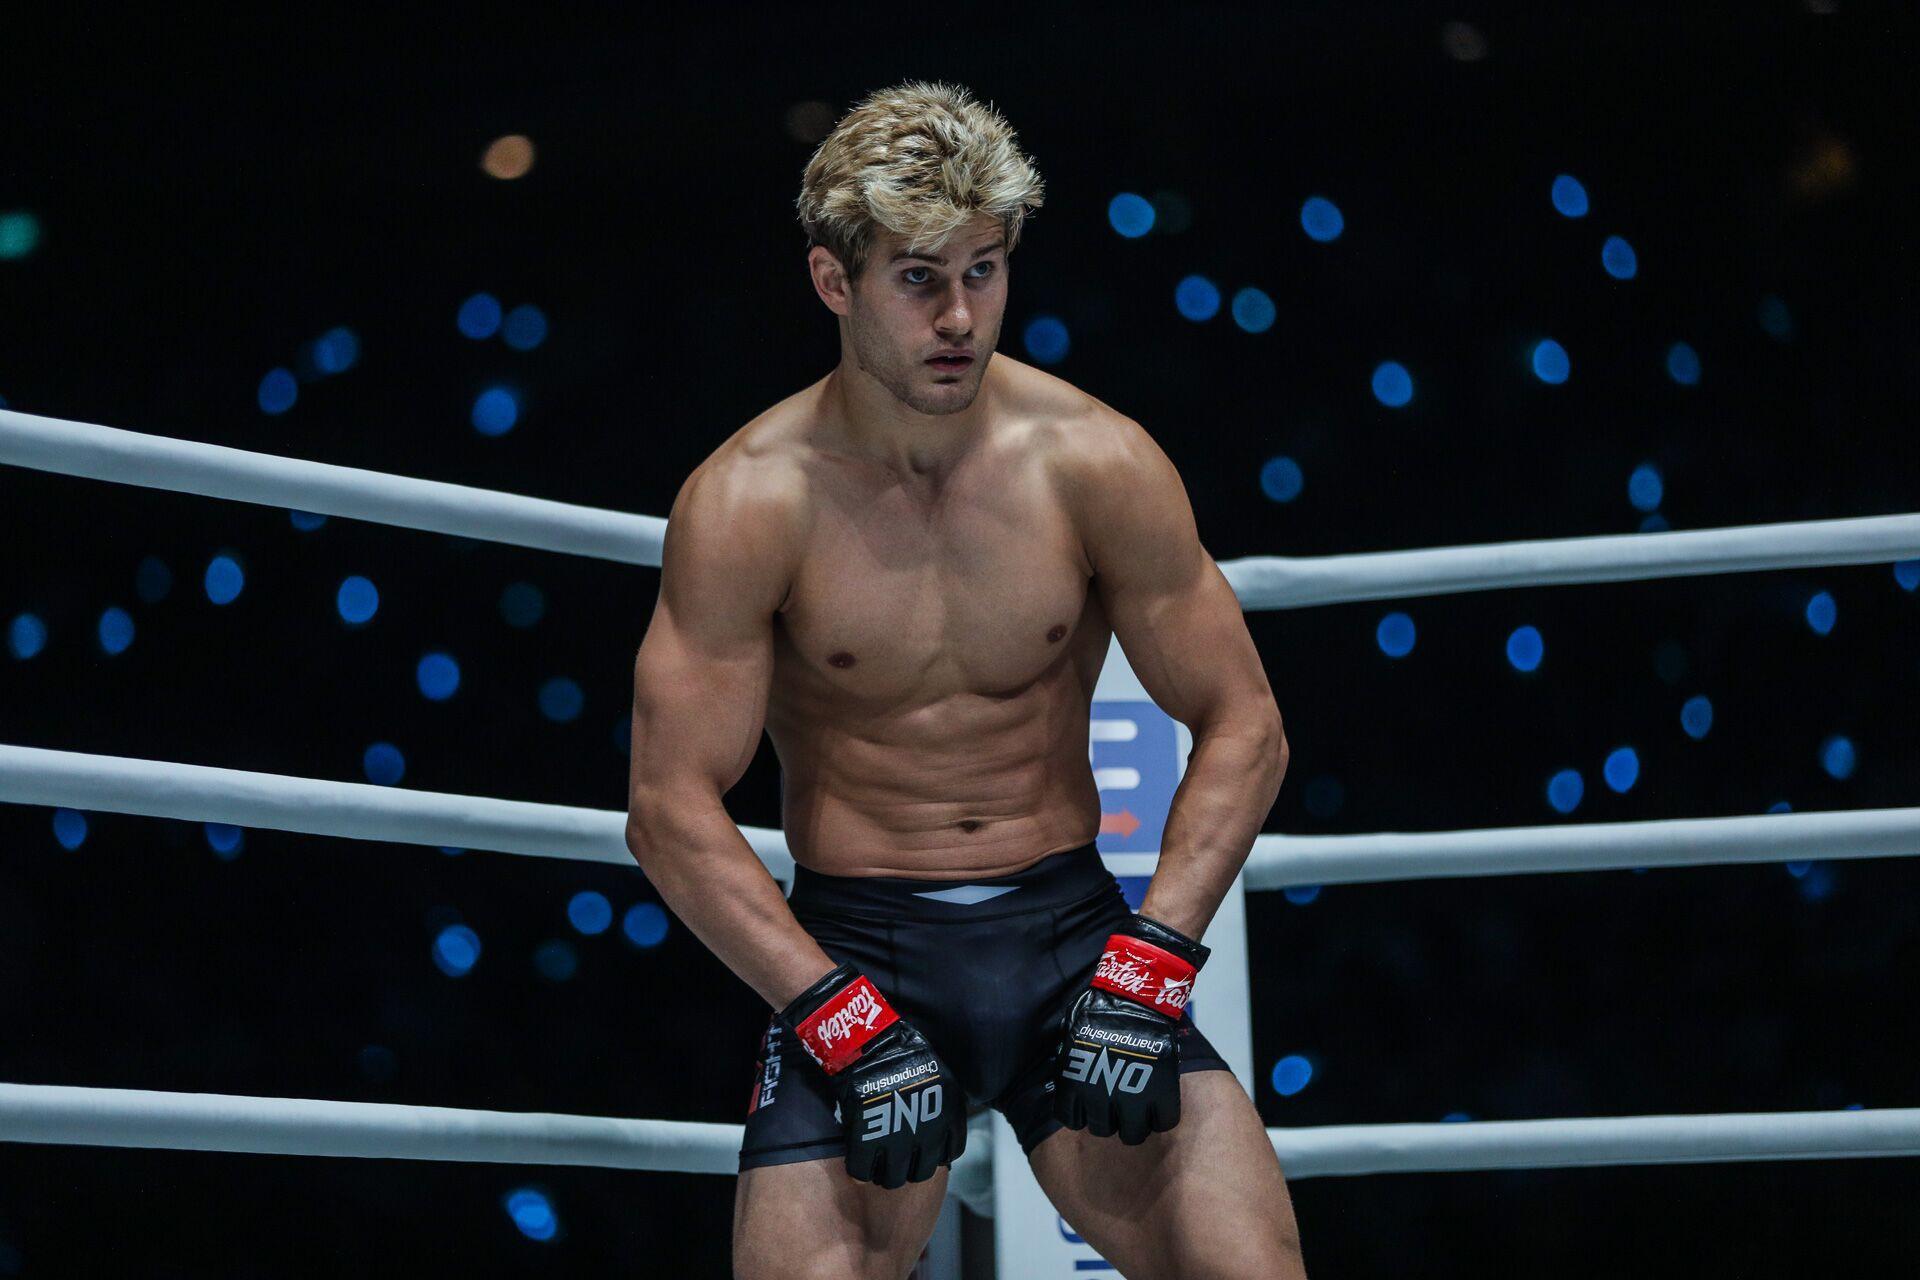 Soái ca 6 múi bị hạ sấp mặt trong ngày ra mắt giải MMA lớn nhất châu Á - Ảnh 1.